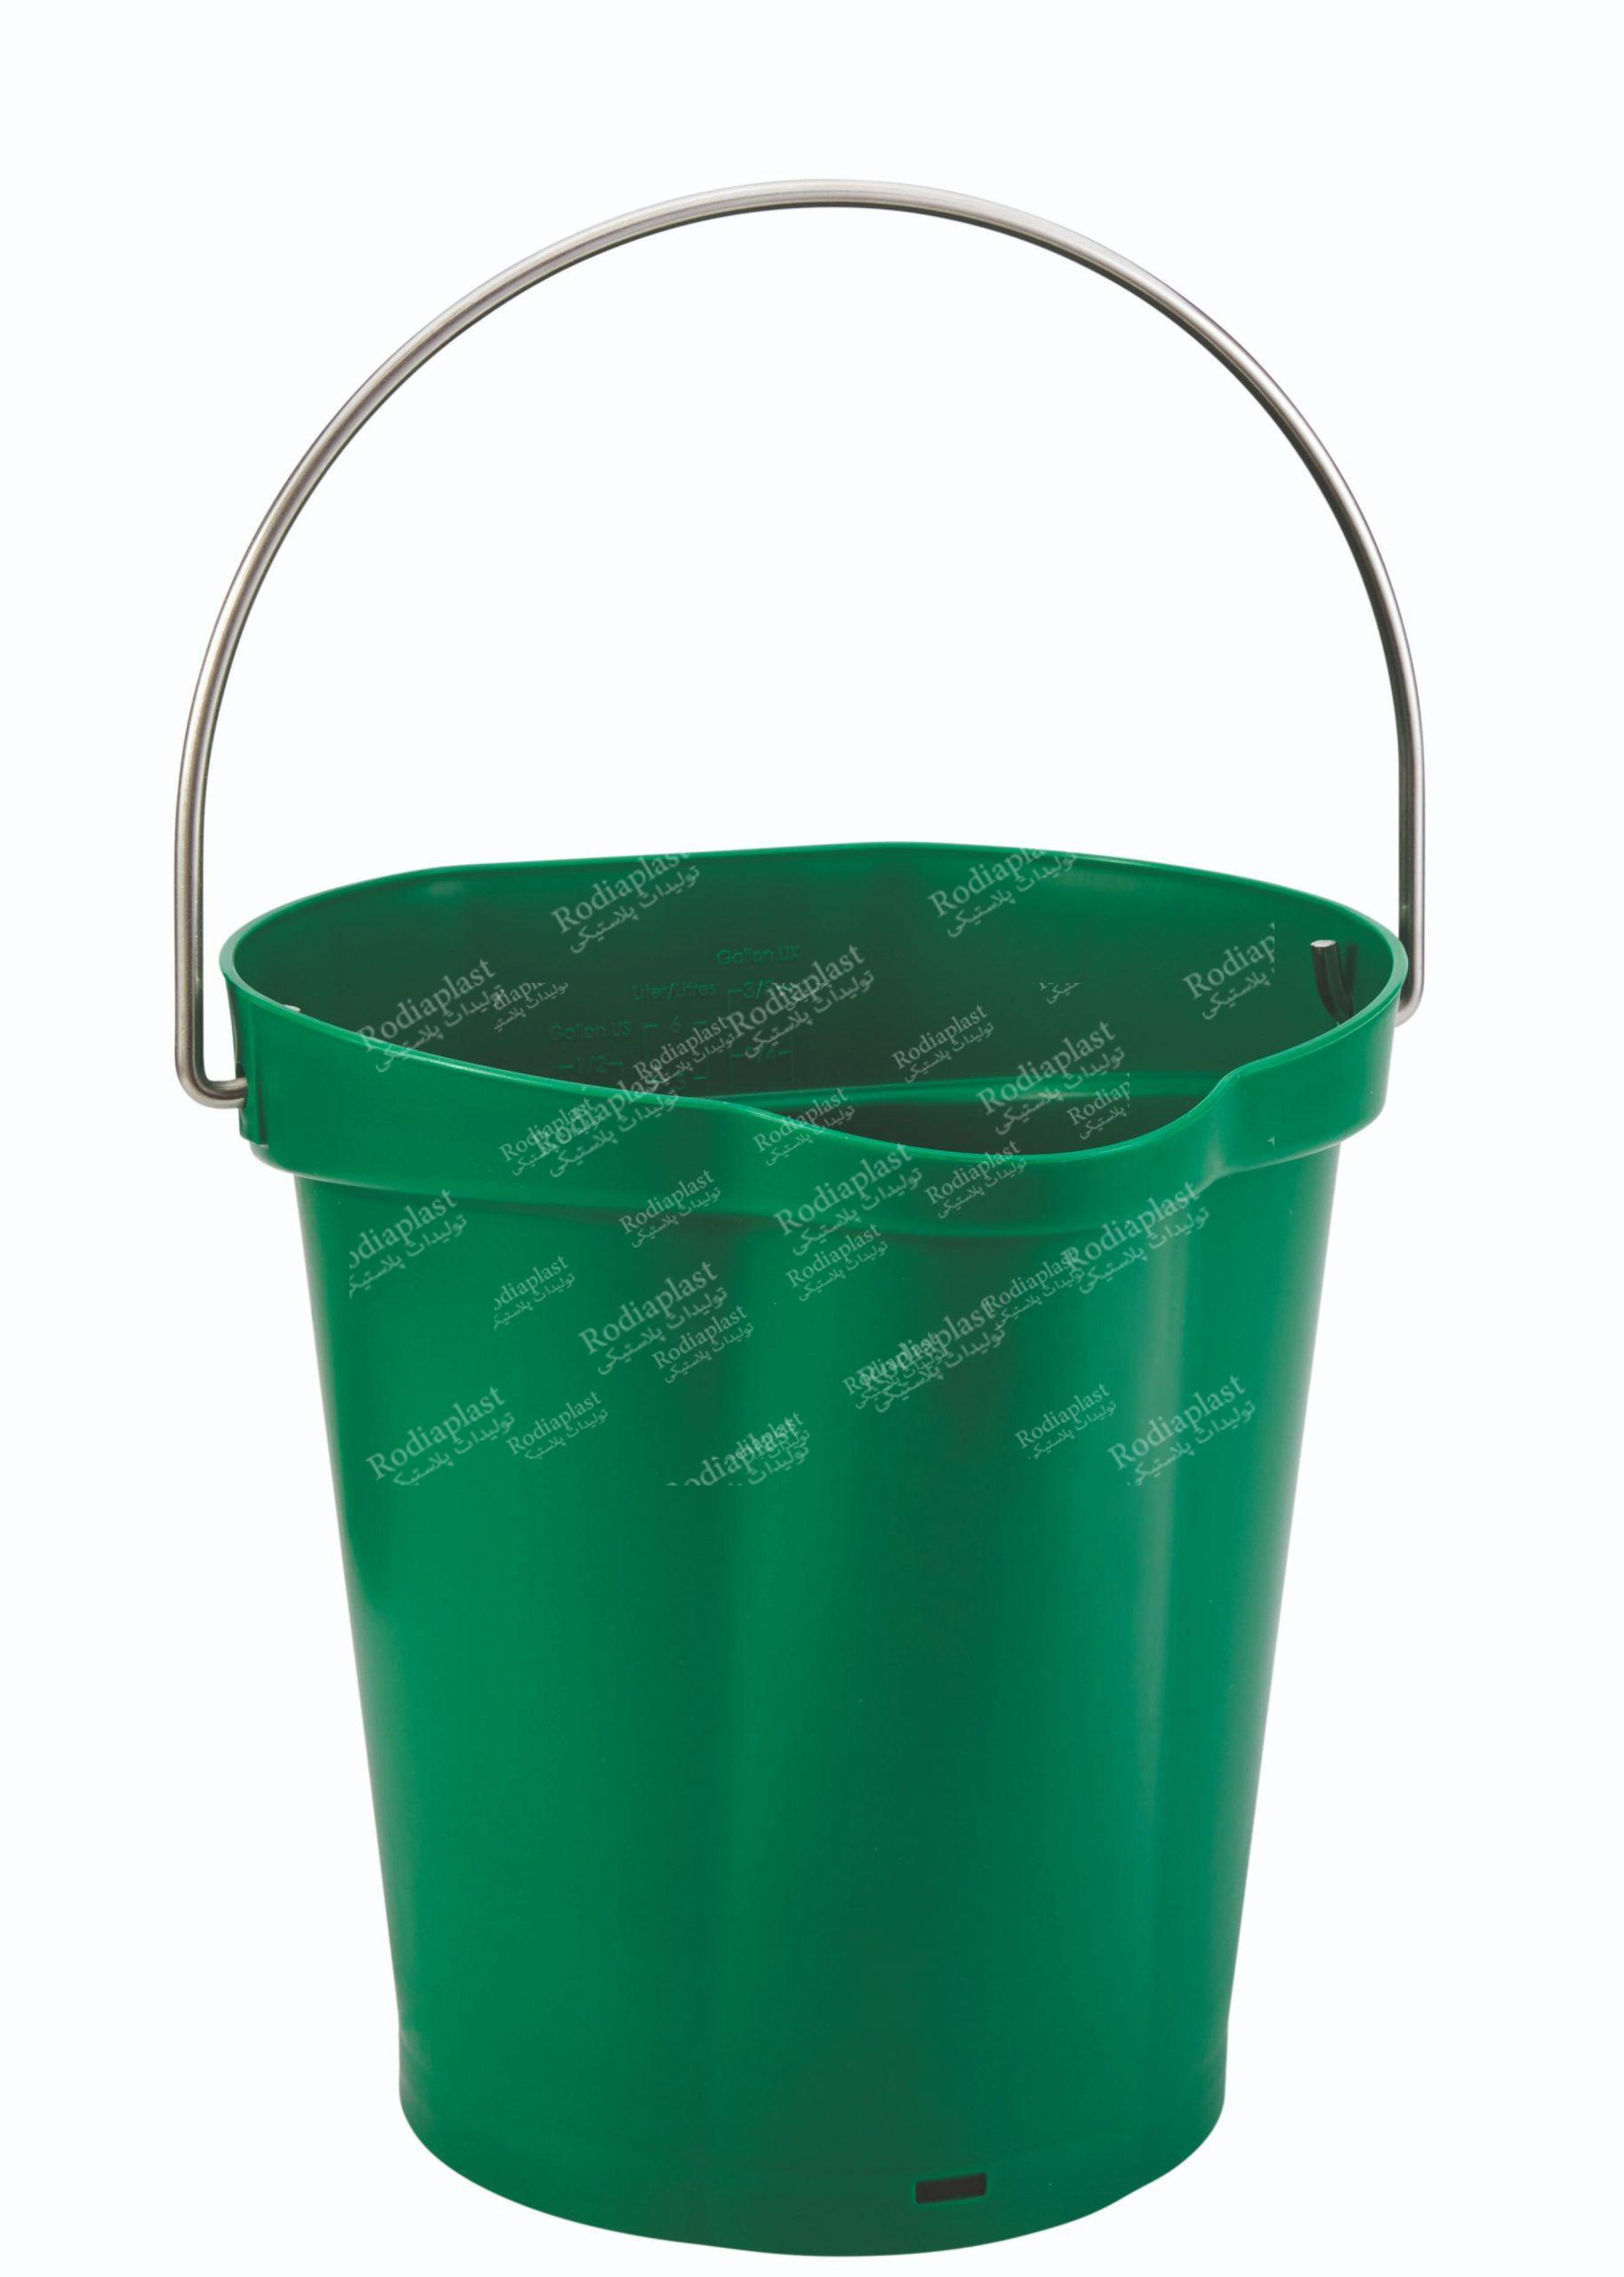 سطل پلاستیکی بنایی بهتر است یا فلزی